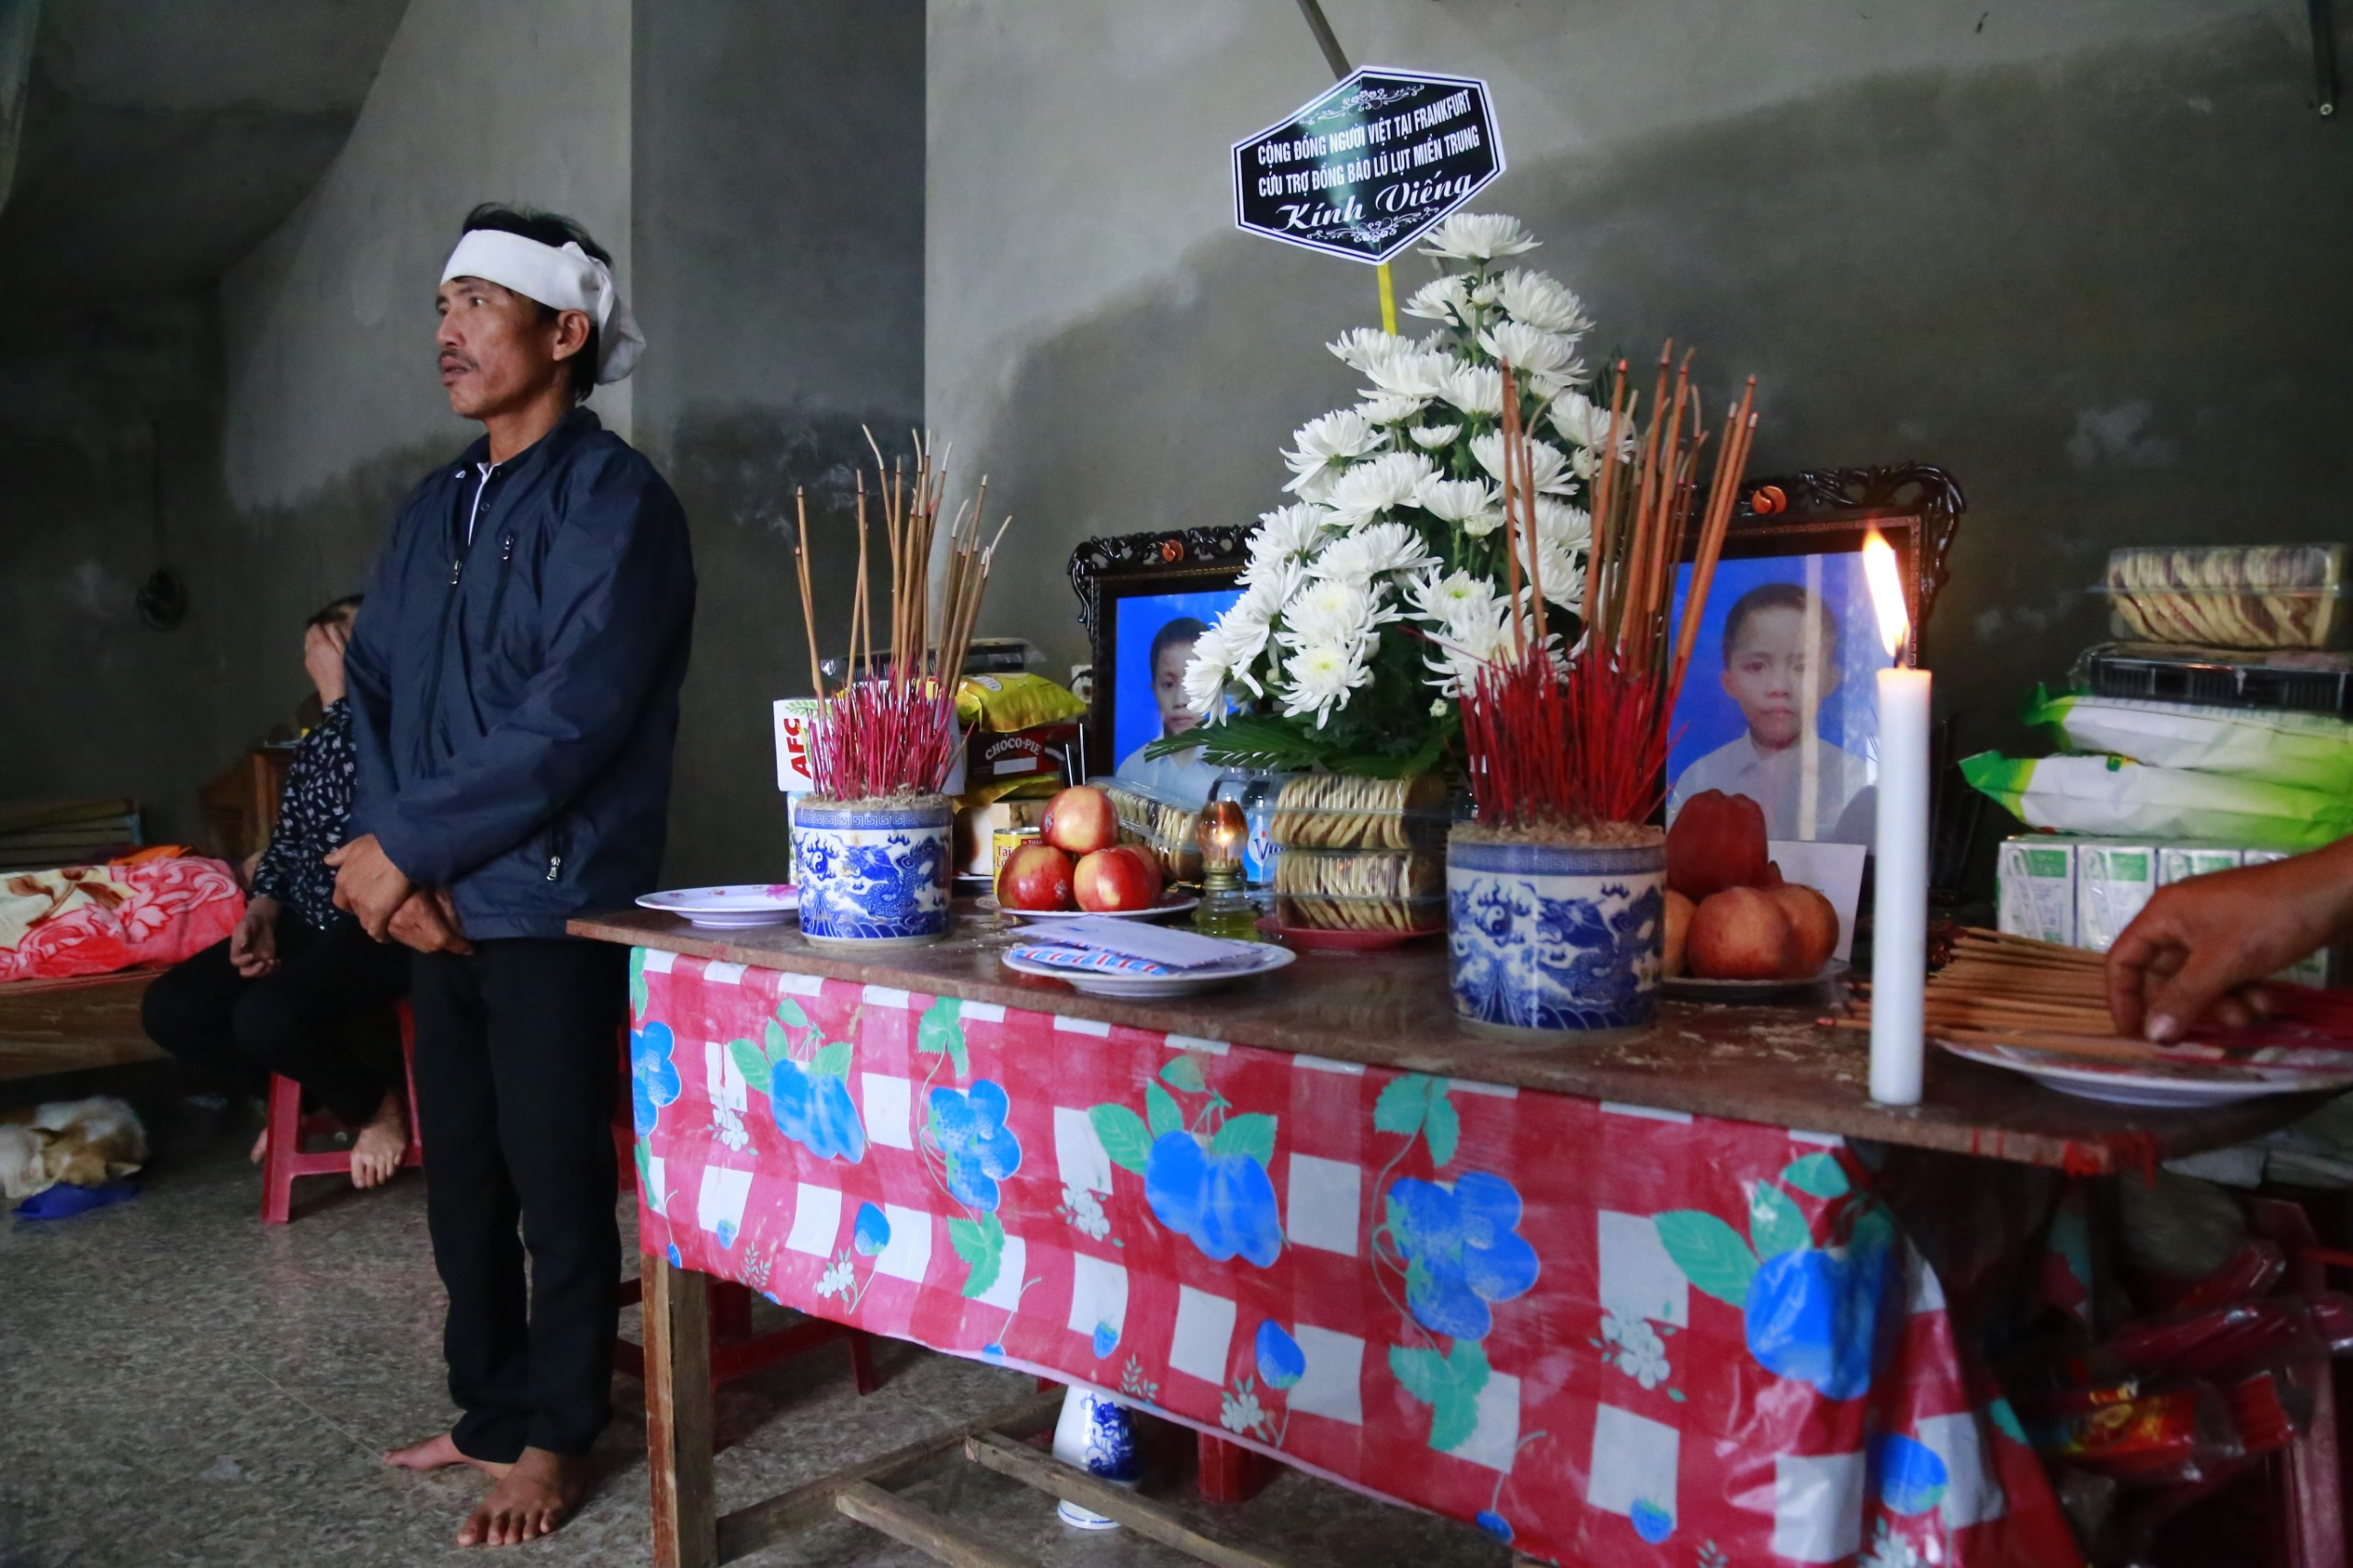 Tột cùng đau đớn trong căn nhà của đôi vợ chồng cùng lúc mất 2 con thơ khi chạy lũ - Ảnh 2.